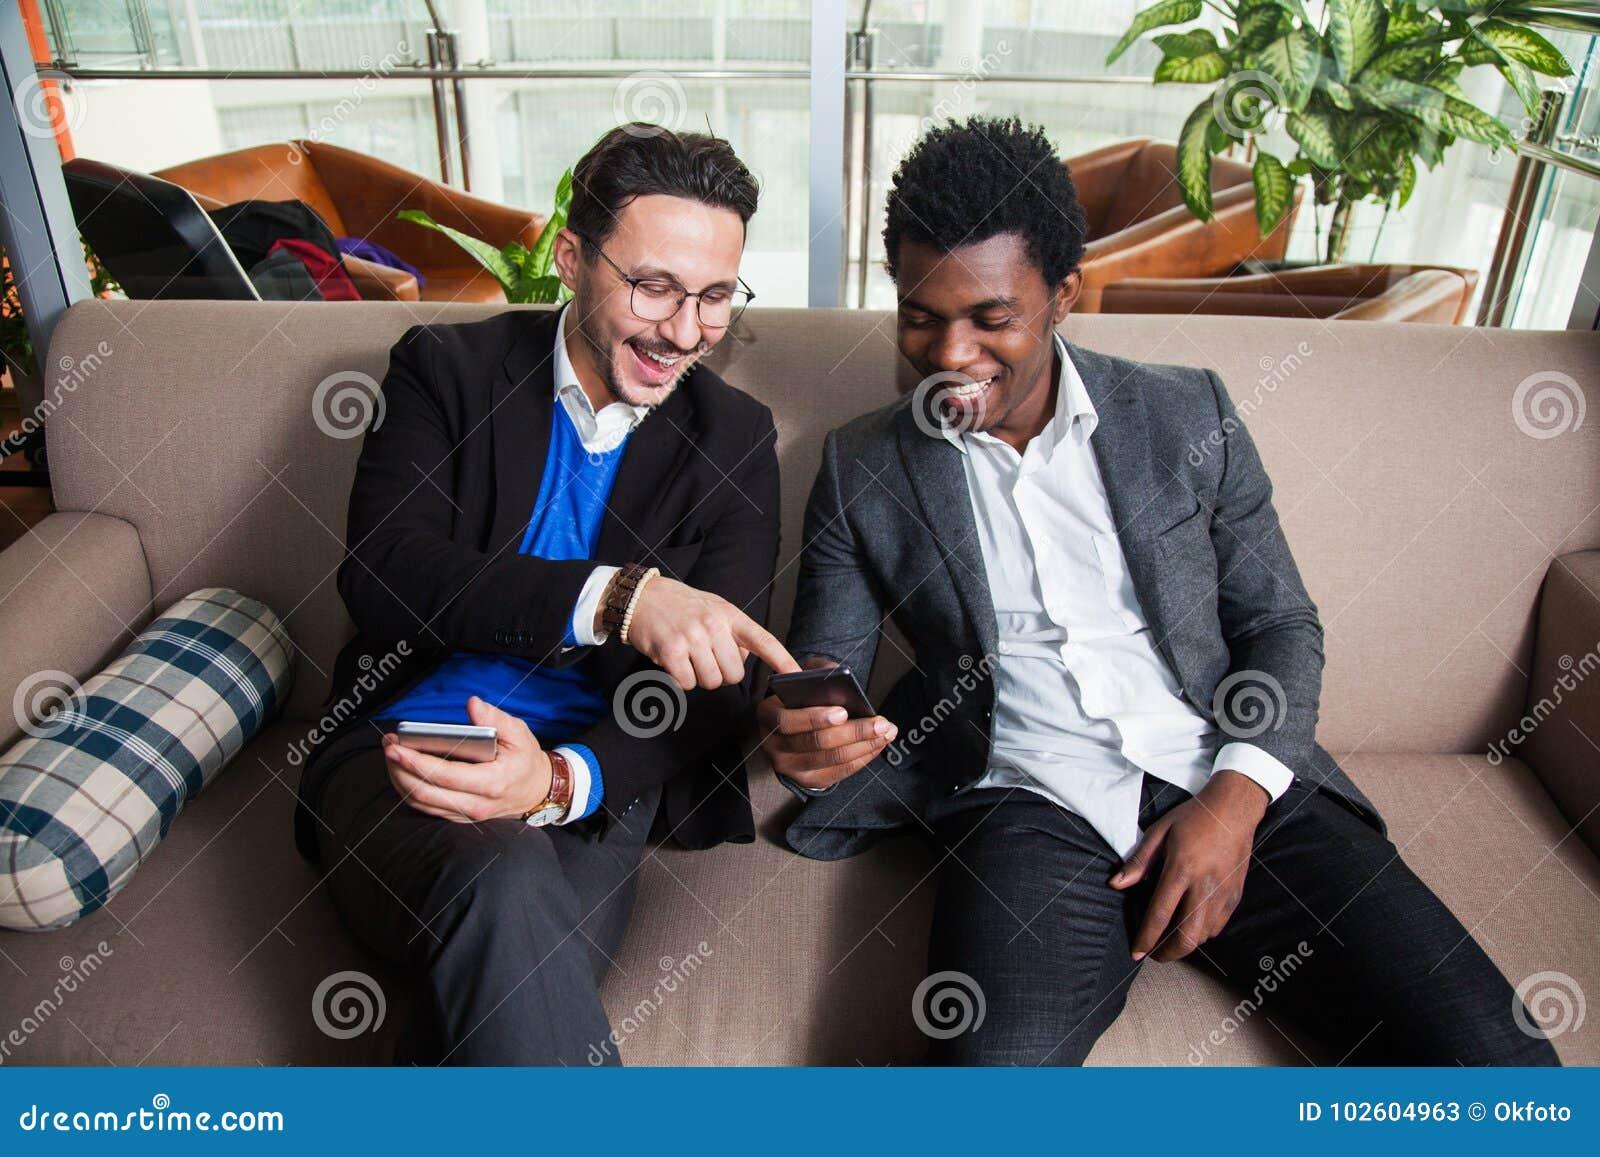 Två mångkulturella män sitter på soffa-, leende- och hållmobiltelefoner